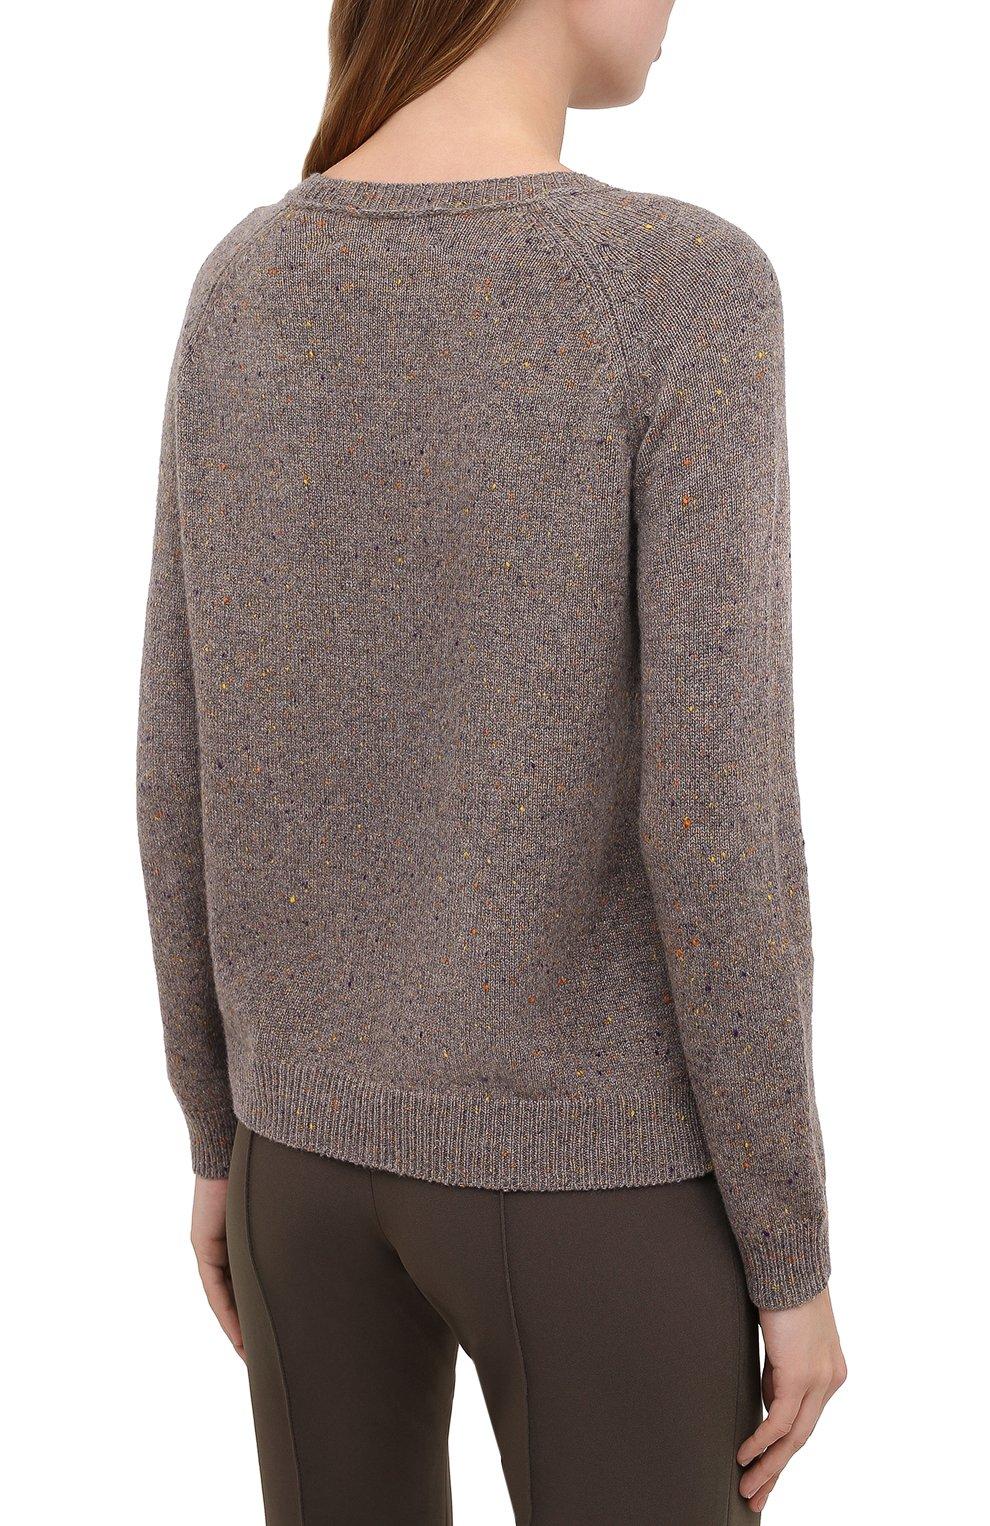 Женский кашемировый пуловер ALEXANDRA GOLOVANOFF светло-коричневого цвета, арт. MILA TWEED   Фото 4 (Материал внешний: Шерсть, Кашемир; Рукава: Длинные; Длина (для топов): Стандартные; Женское Кросс-КТ: Пуловер-одежда)